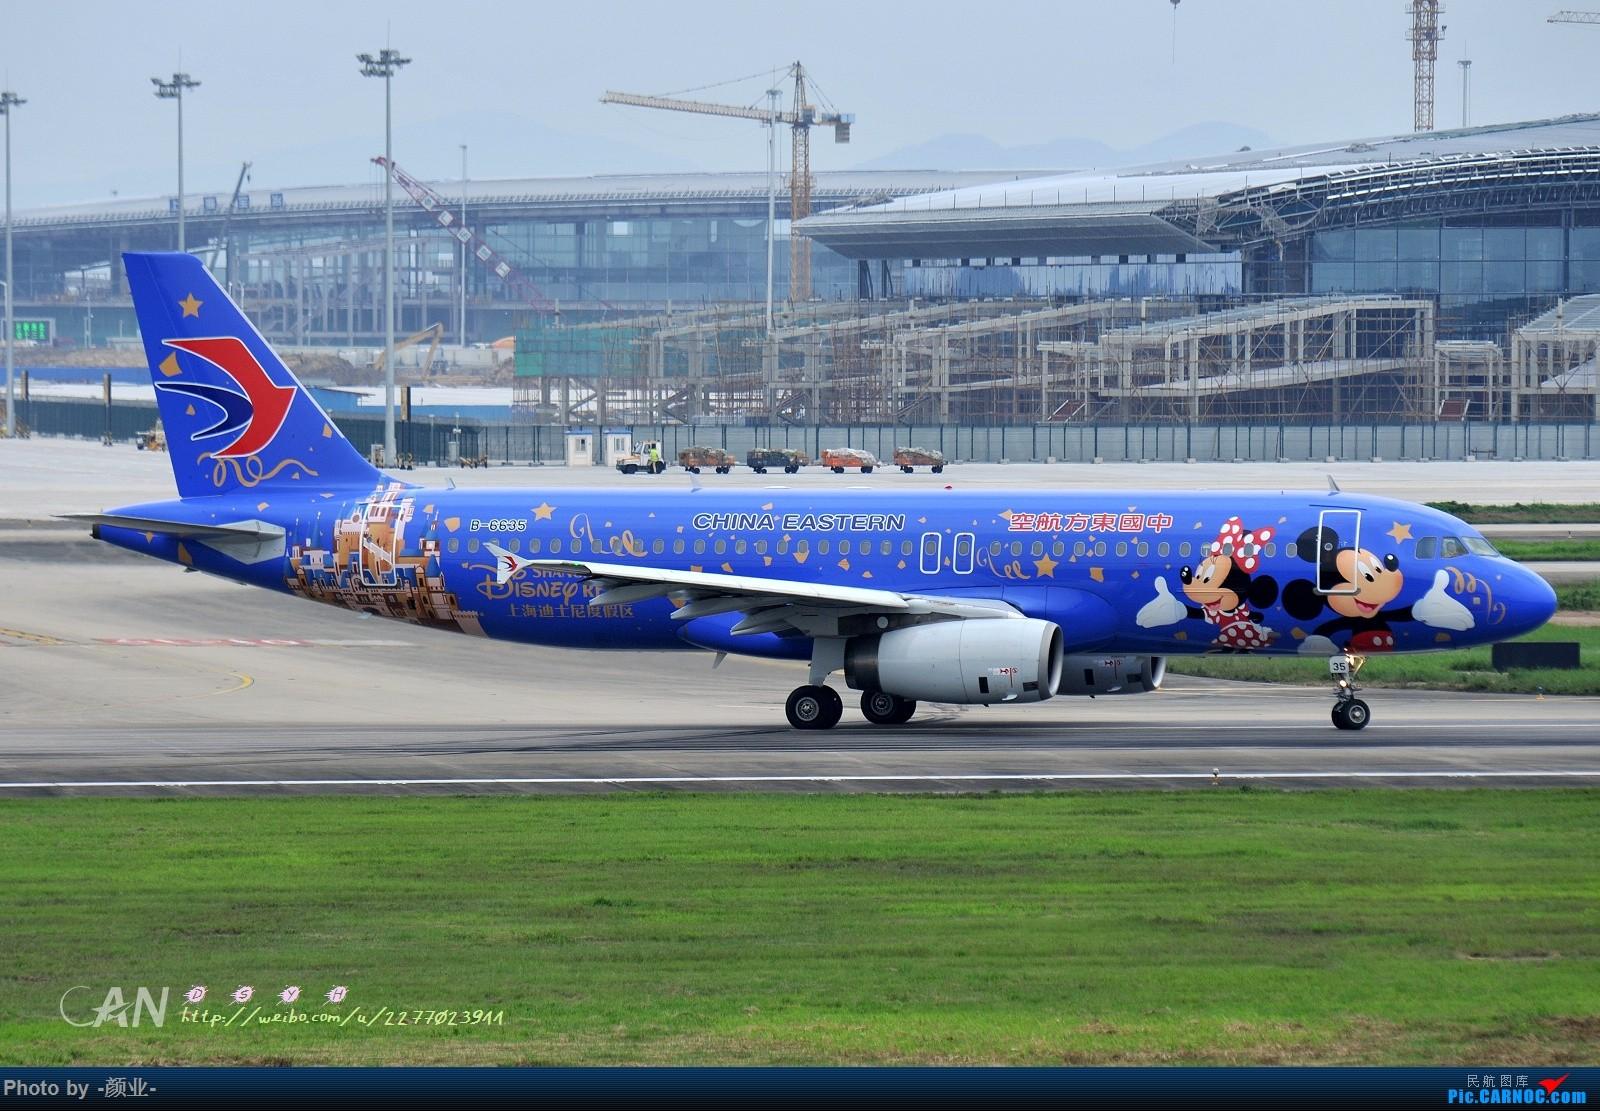 Re:[原创]2011-2016我的打灰机心情[广州] AIRBUS A320-200 B-6635 中国广州白云国际机场